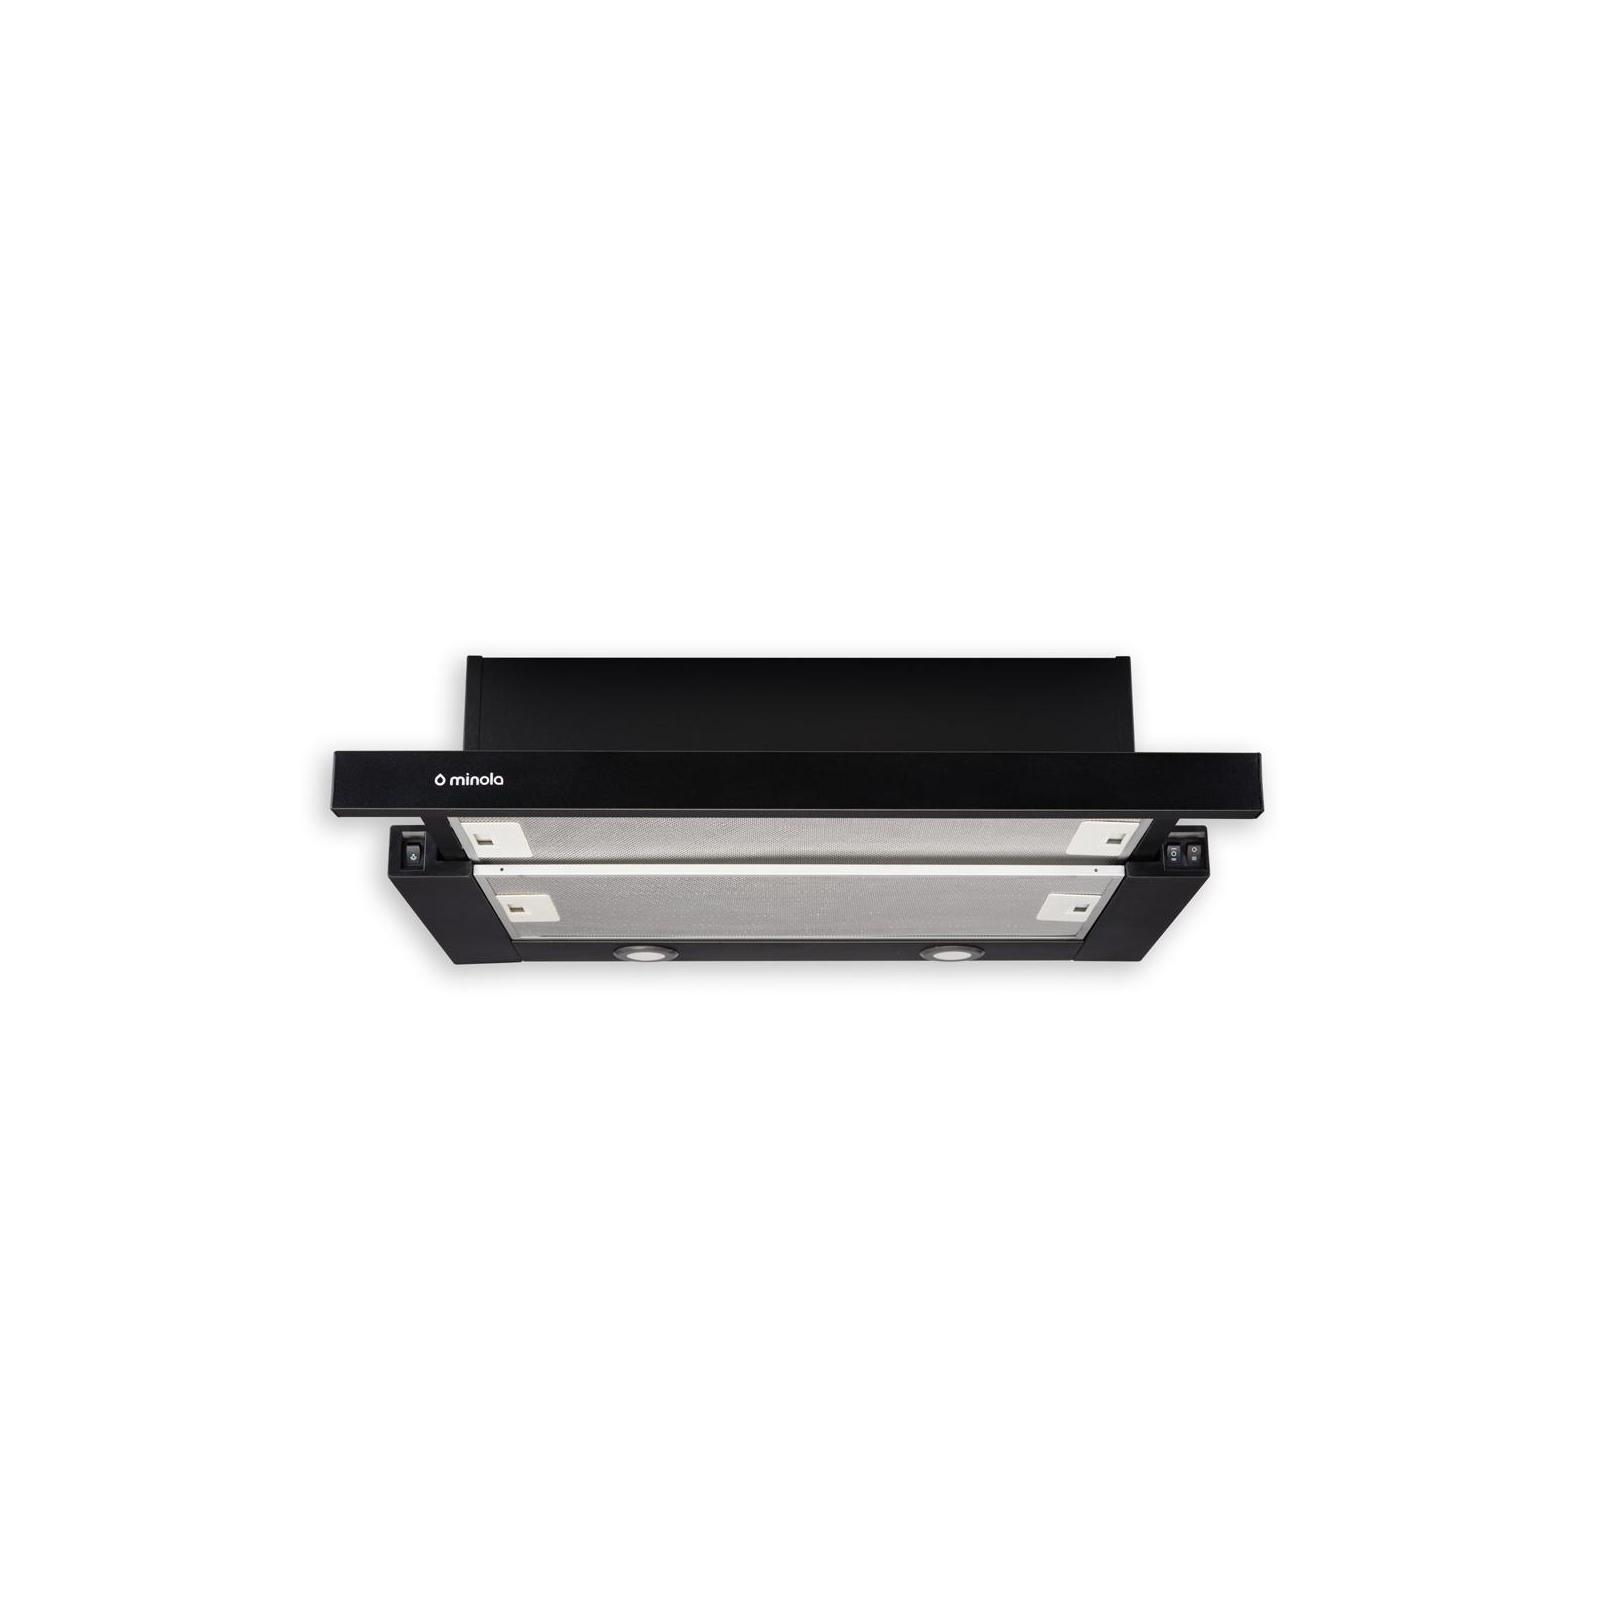 Вытяжка кухонная MINOLA HTL 6112 BL 650 LED изображение 2